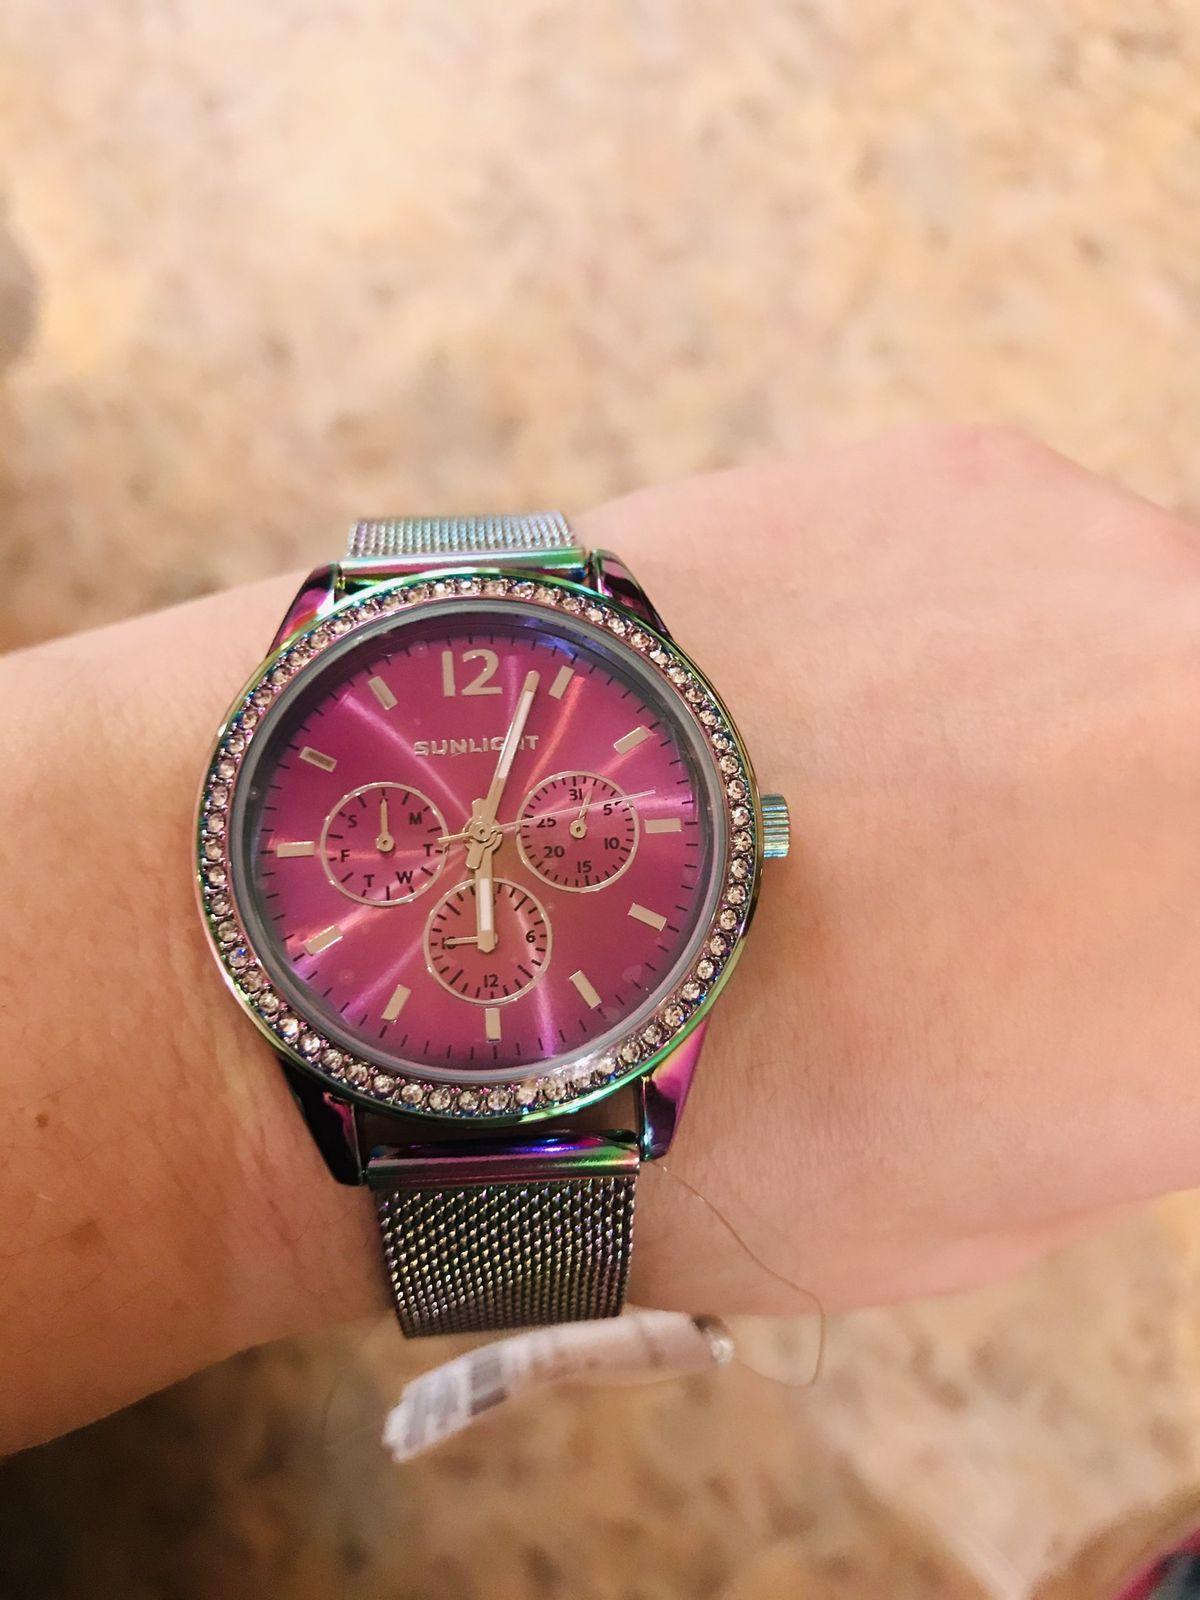 Красивые часы. универсальный цвет. броские. яркие.